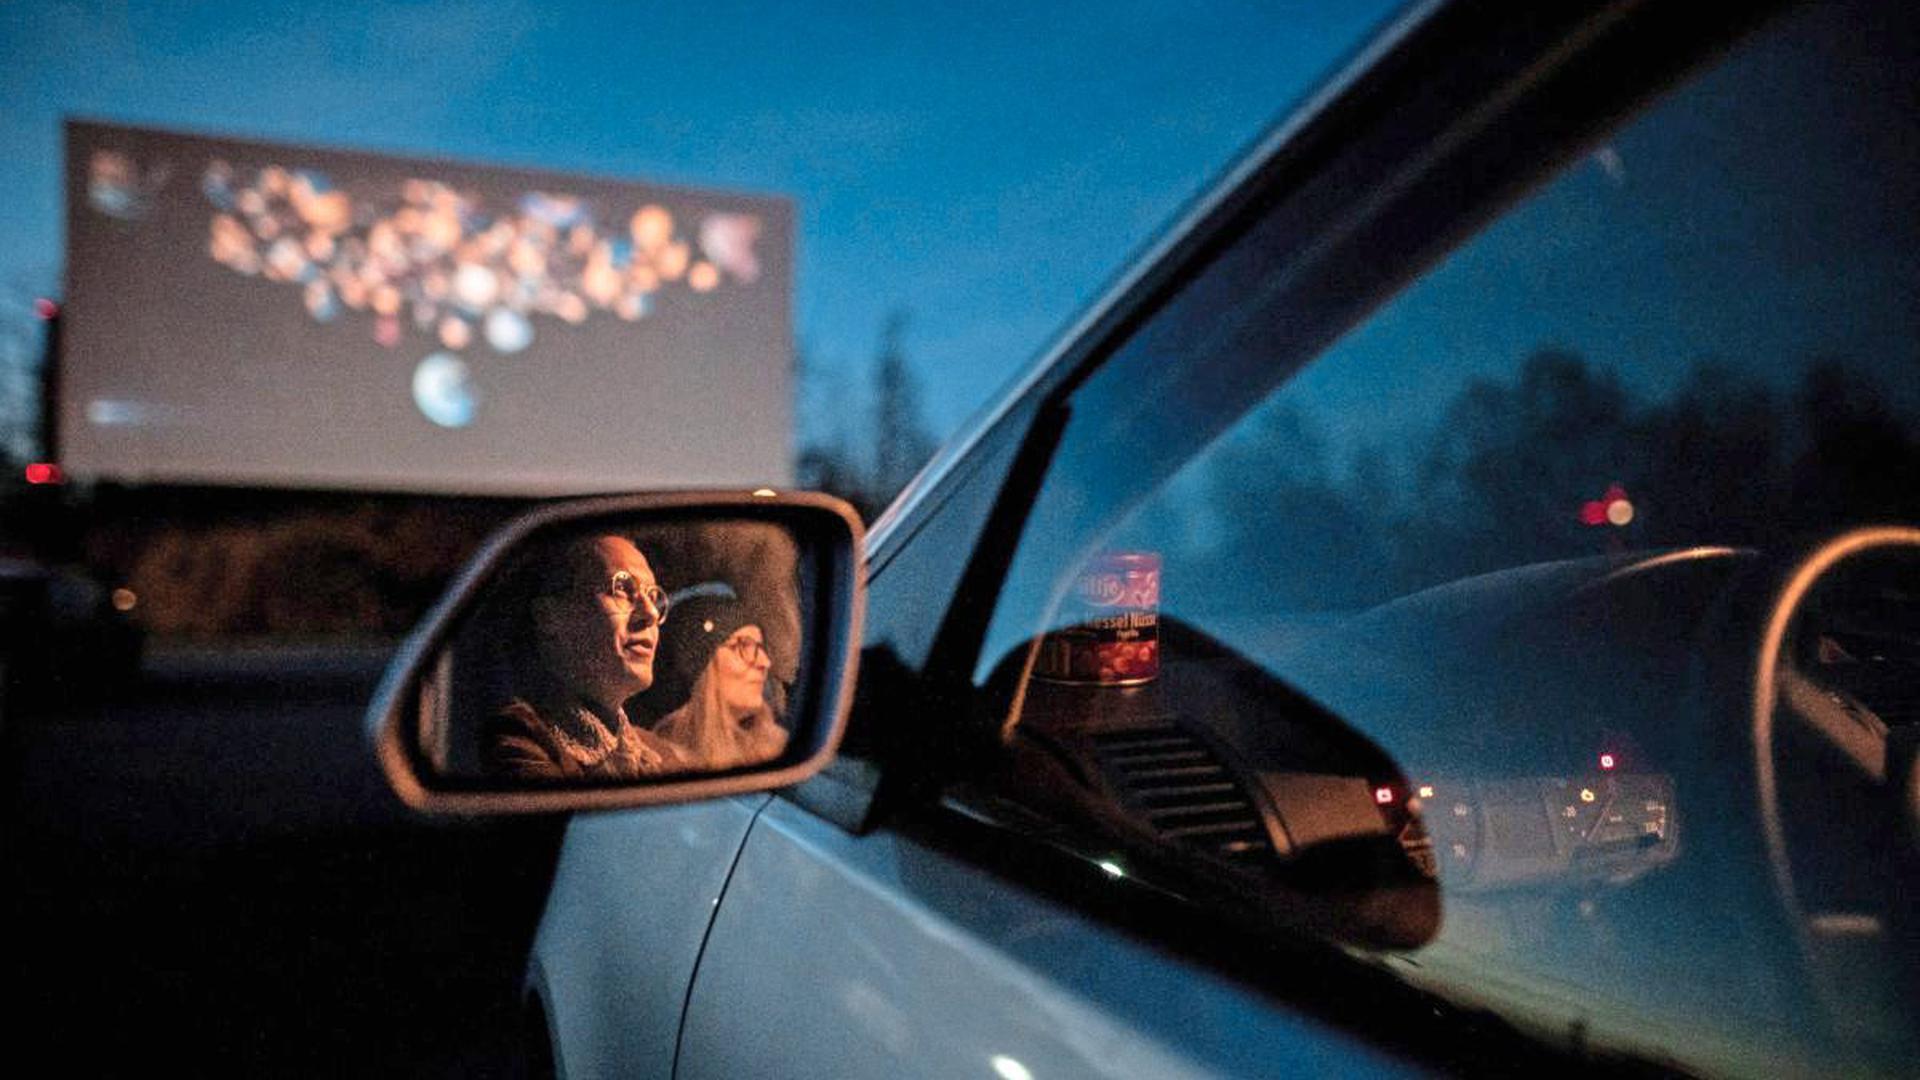 Autositz statt Kinosessel: Filme auf großer Leinwand können ab 22. April im Autokino Karlsruhe geschaut werden.